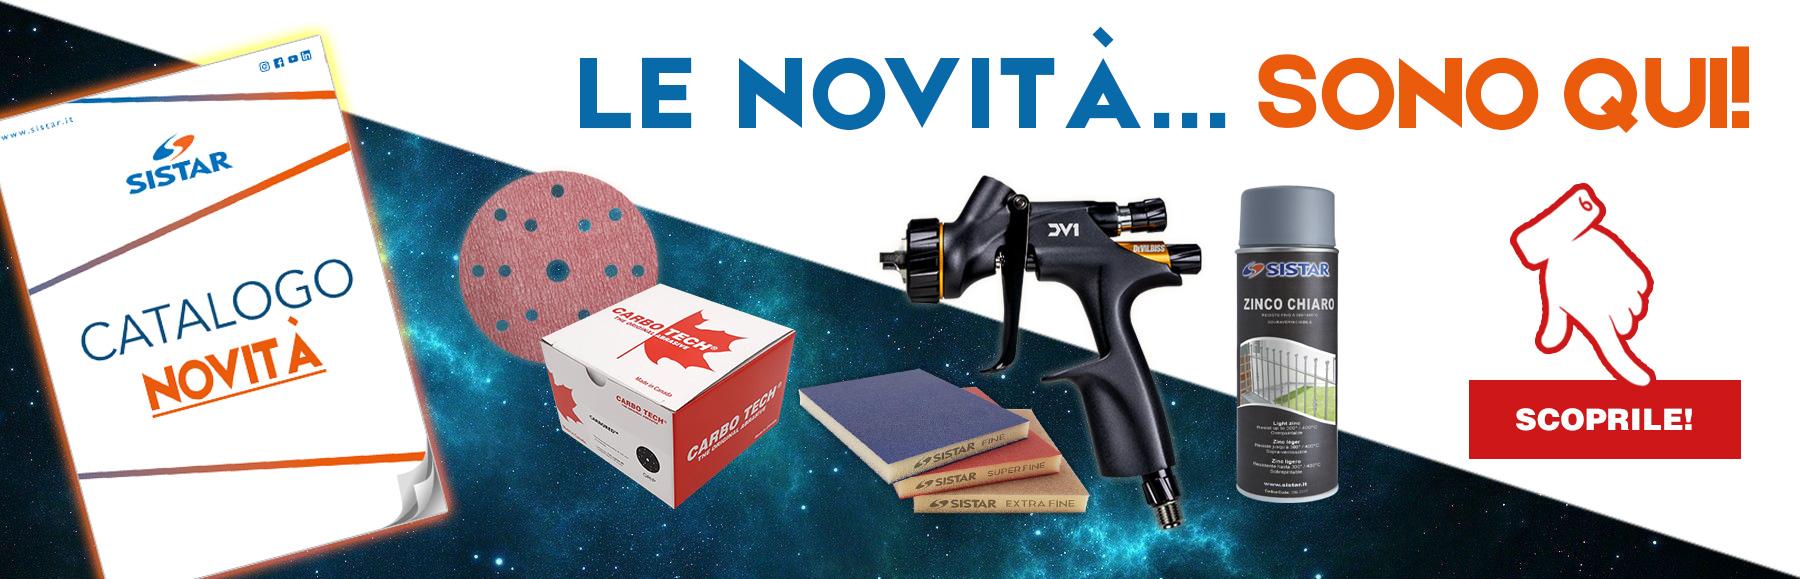 Banner_catalogo_novità